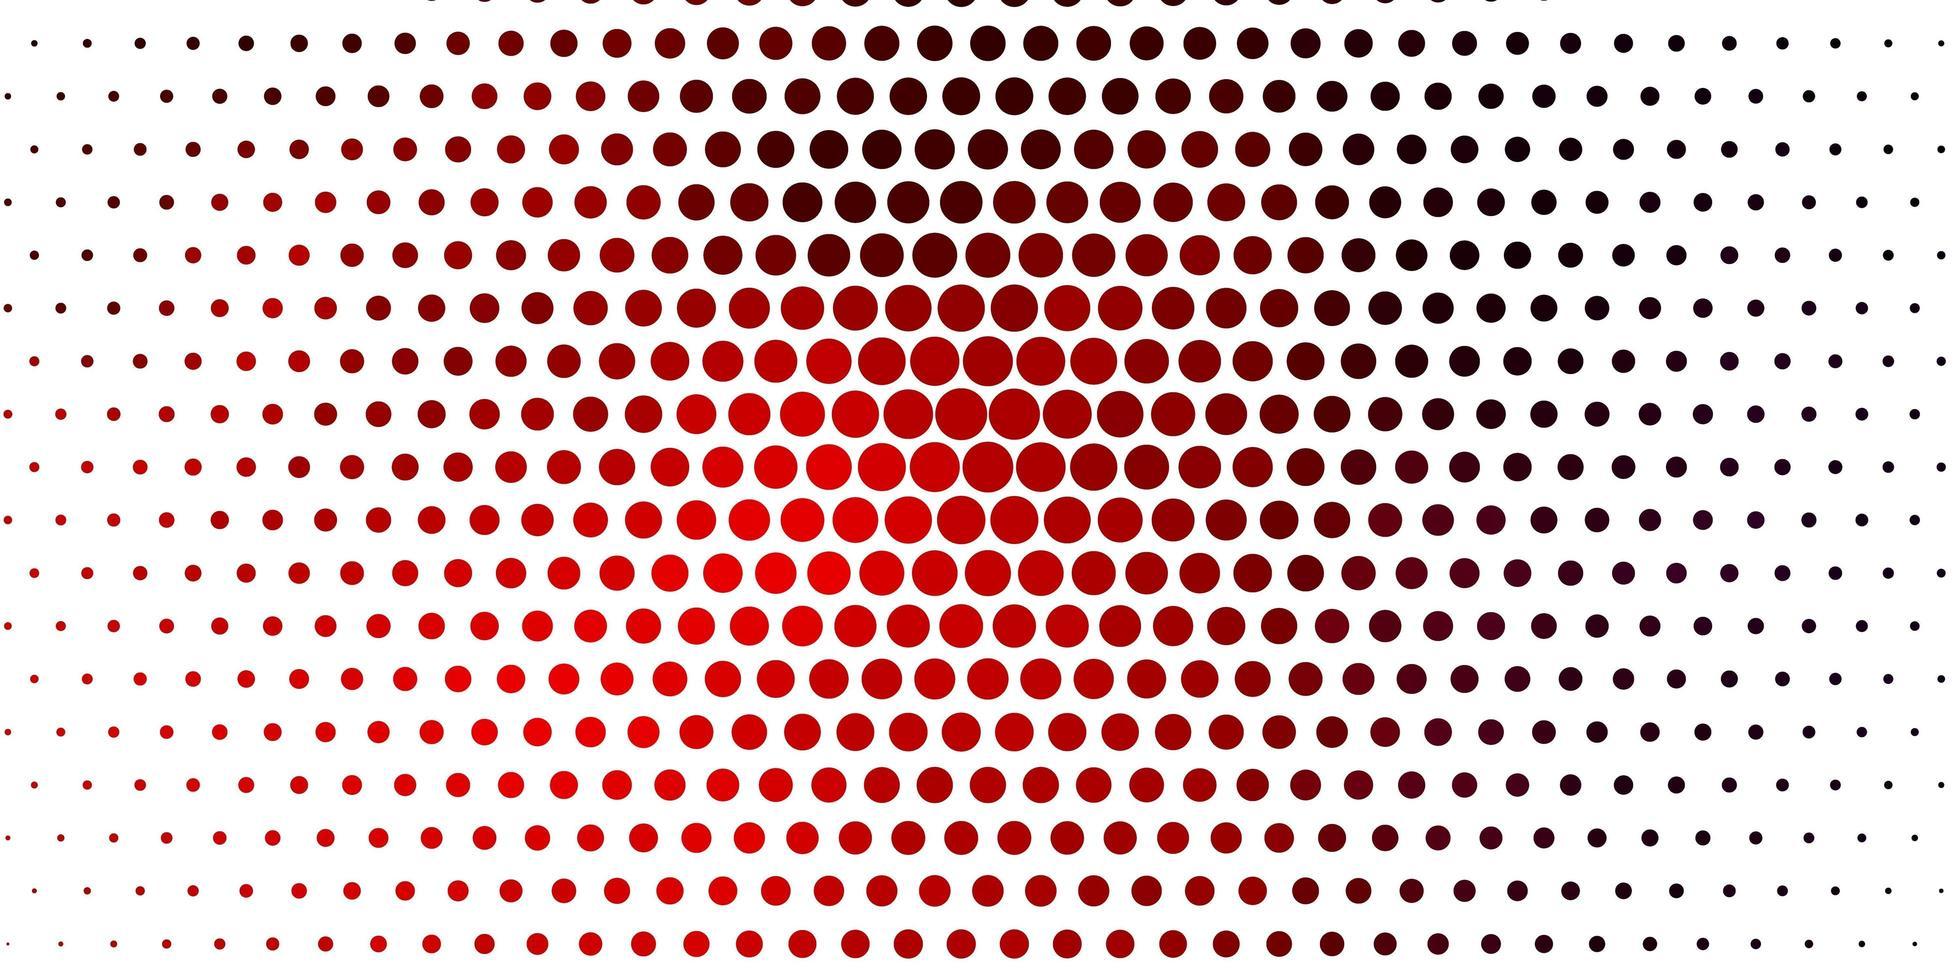 modello rosso con sfere. vettore